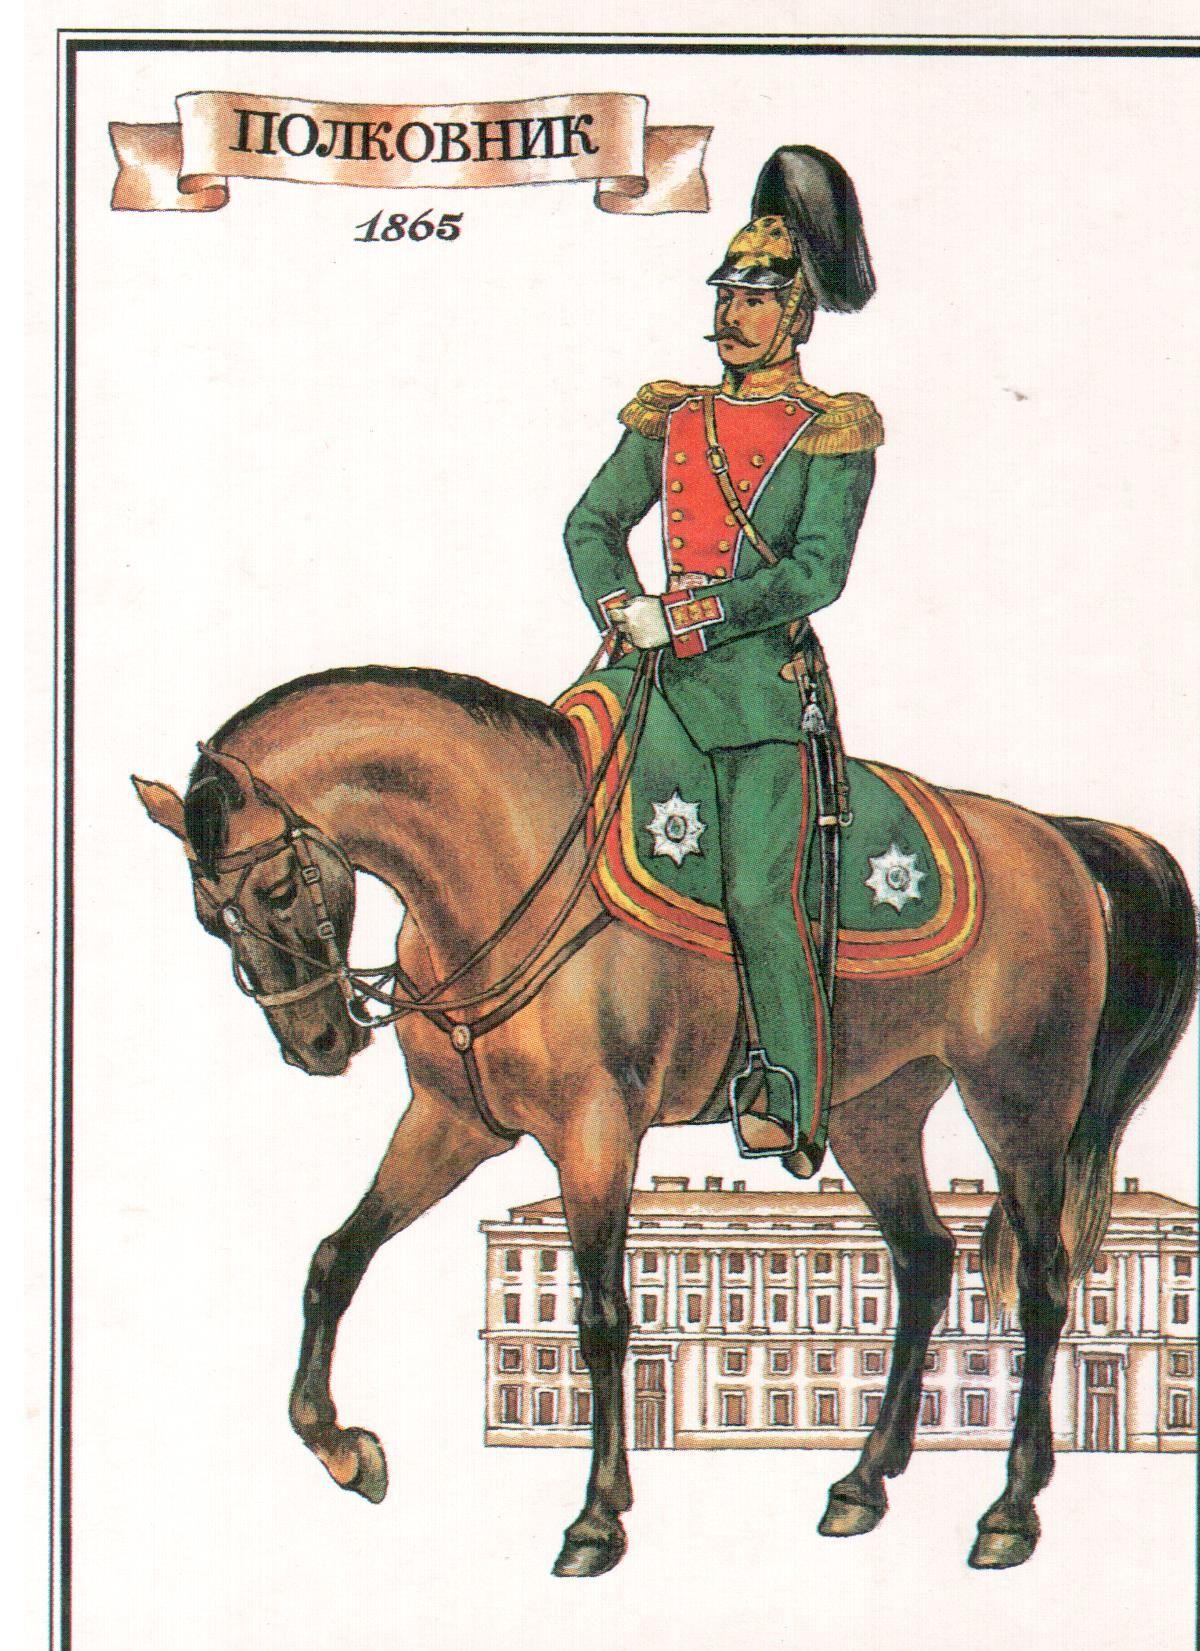 Русский военный мундир 19 века набор открыток, брата сестре